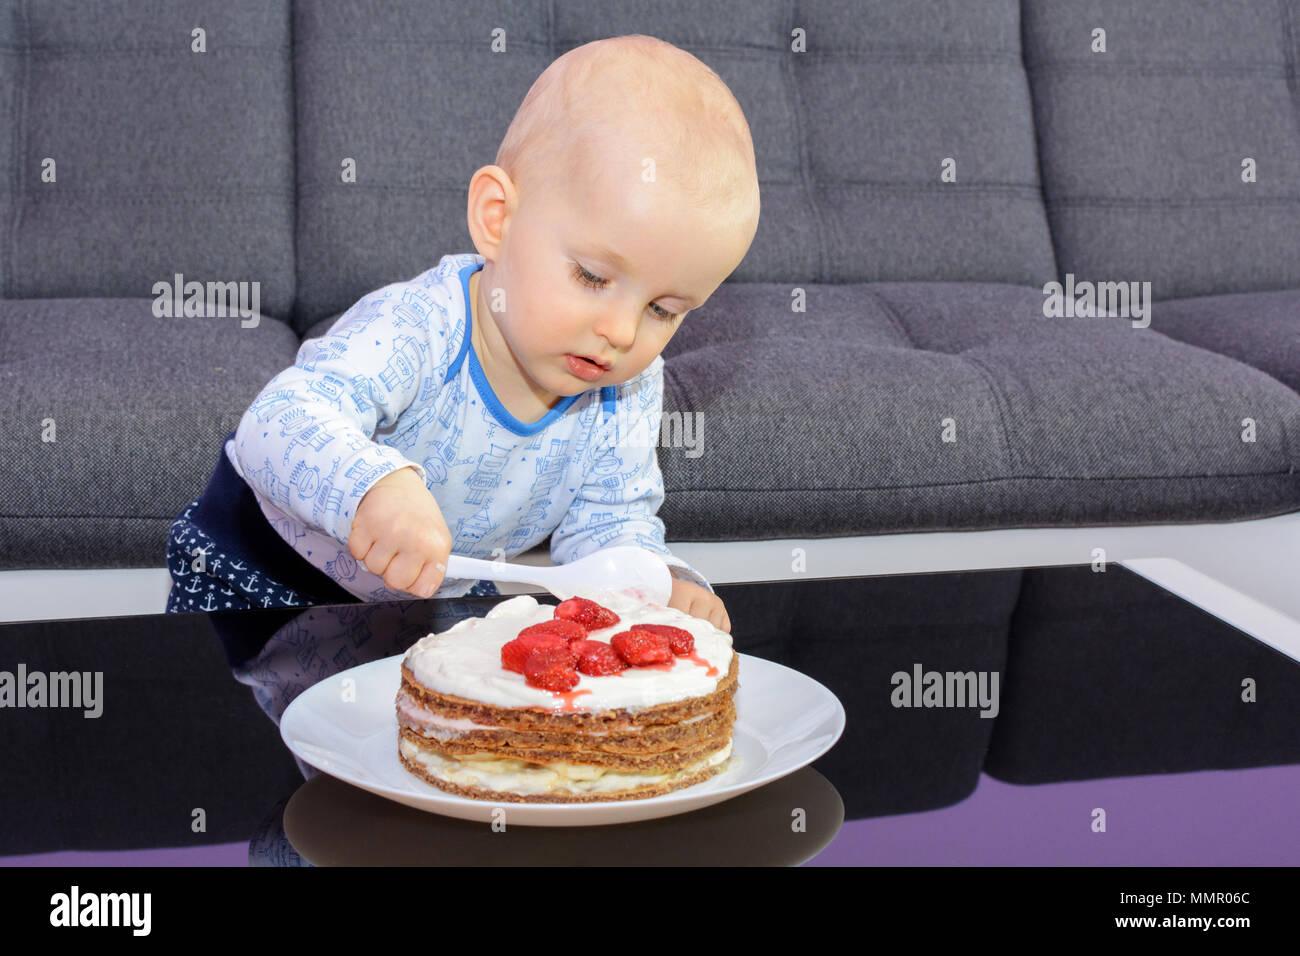 Der erste Geburtstag Feier eines kleinen Jungen. Little Boy essen Geburtstag Kuchen mit einem Löffel, alles Gute zum Geburtstag. Kleinkind am Tisch mit Kuchen. Stockfoto